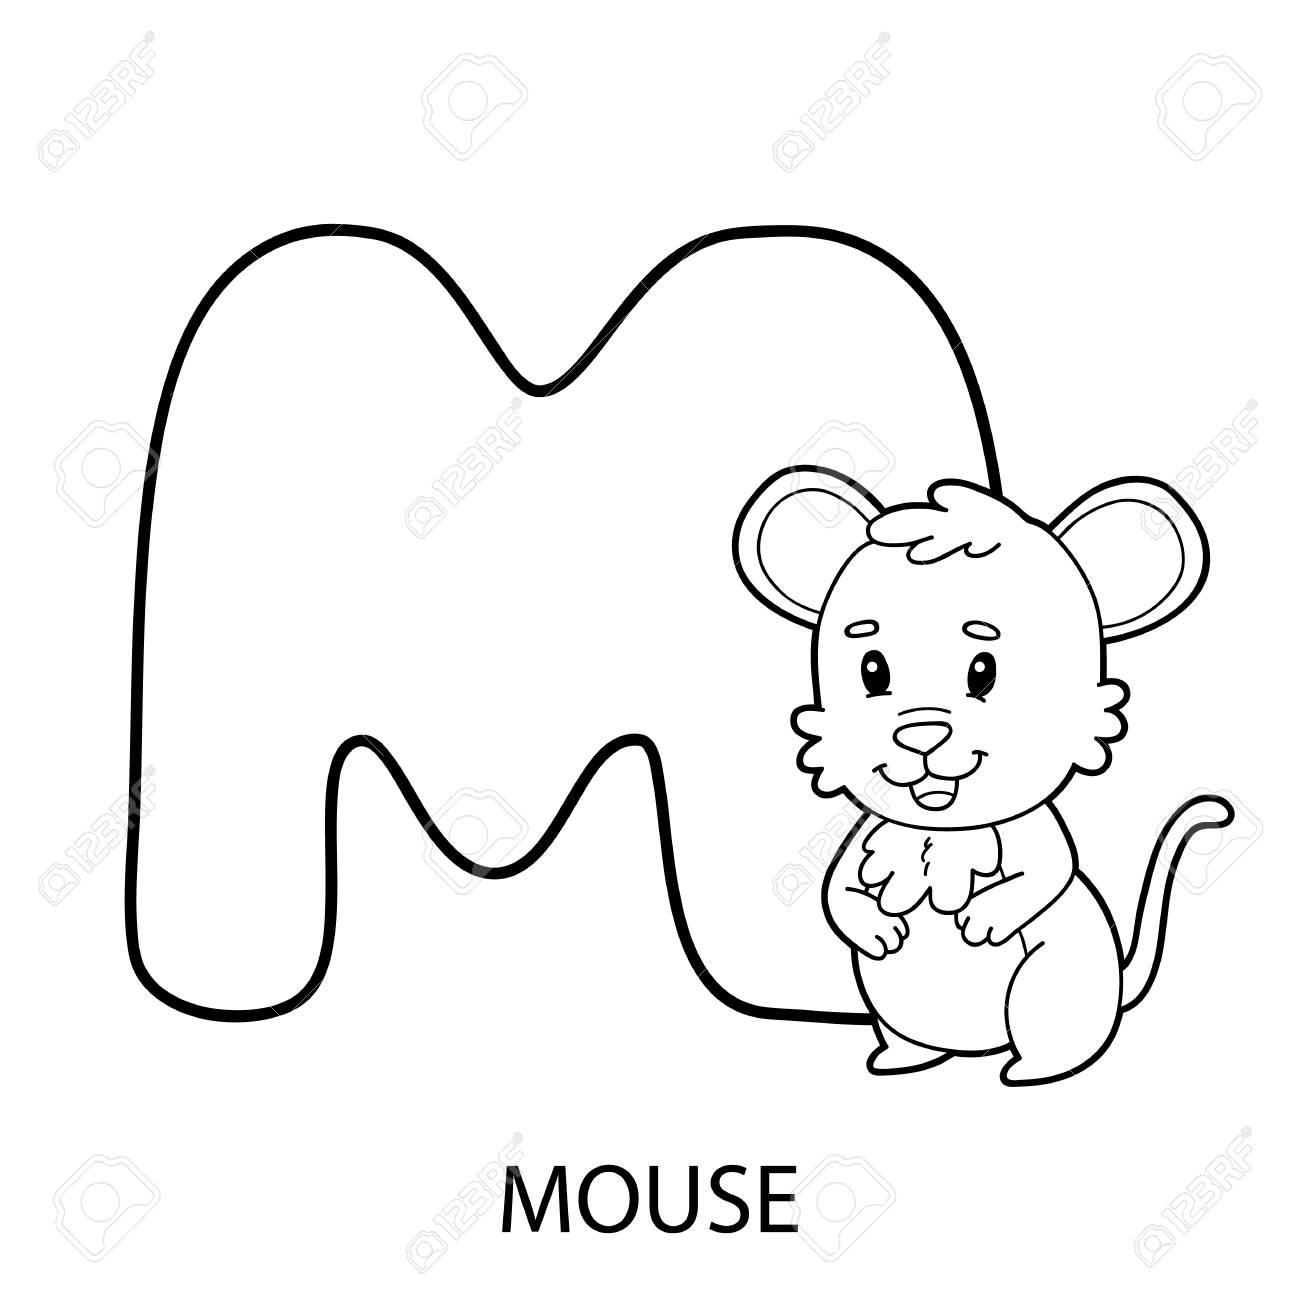 Pagina Para Colorear Alfabeto Ilustracion De Vector De Personaje